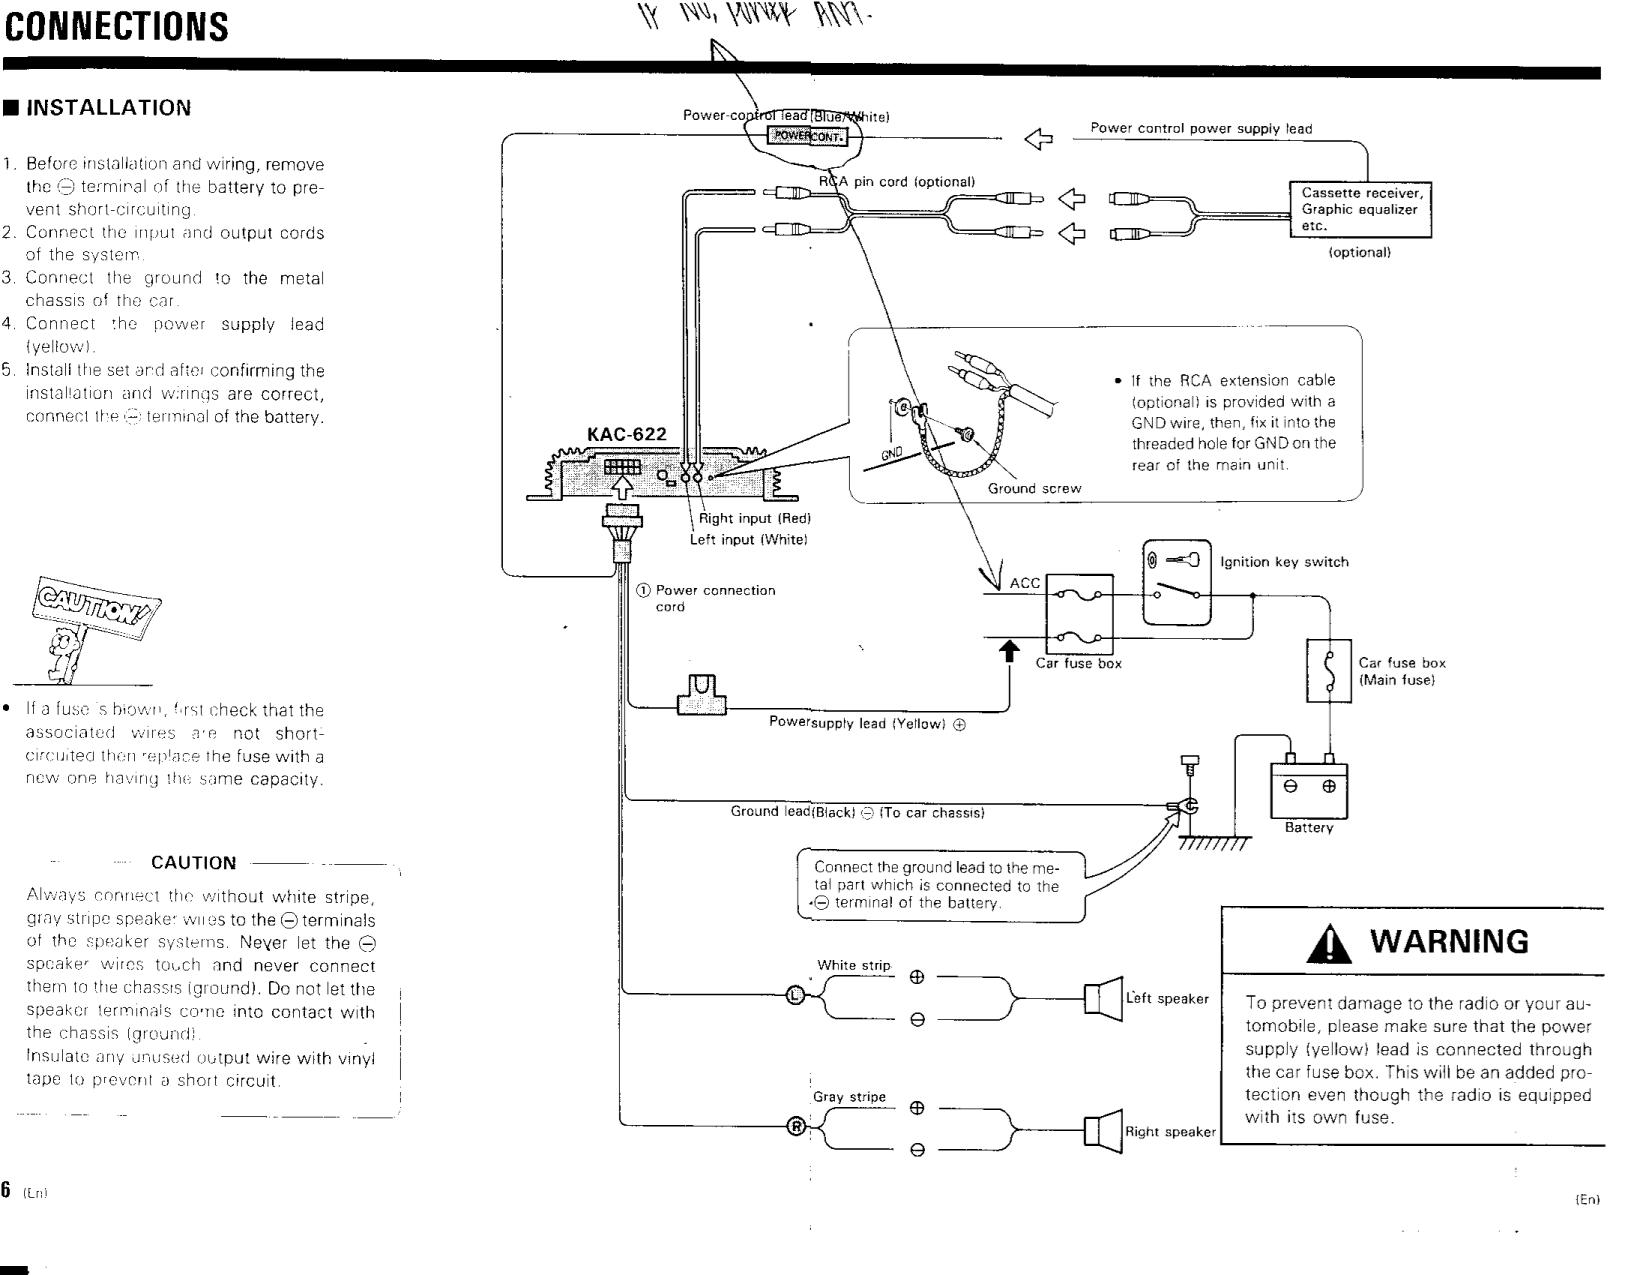 pdf manual for kenwood amp kac 622. Black Bedroom Furniture Sets. Home Design Ideas